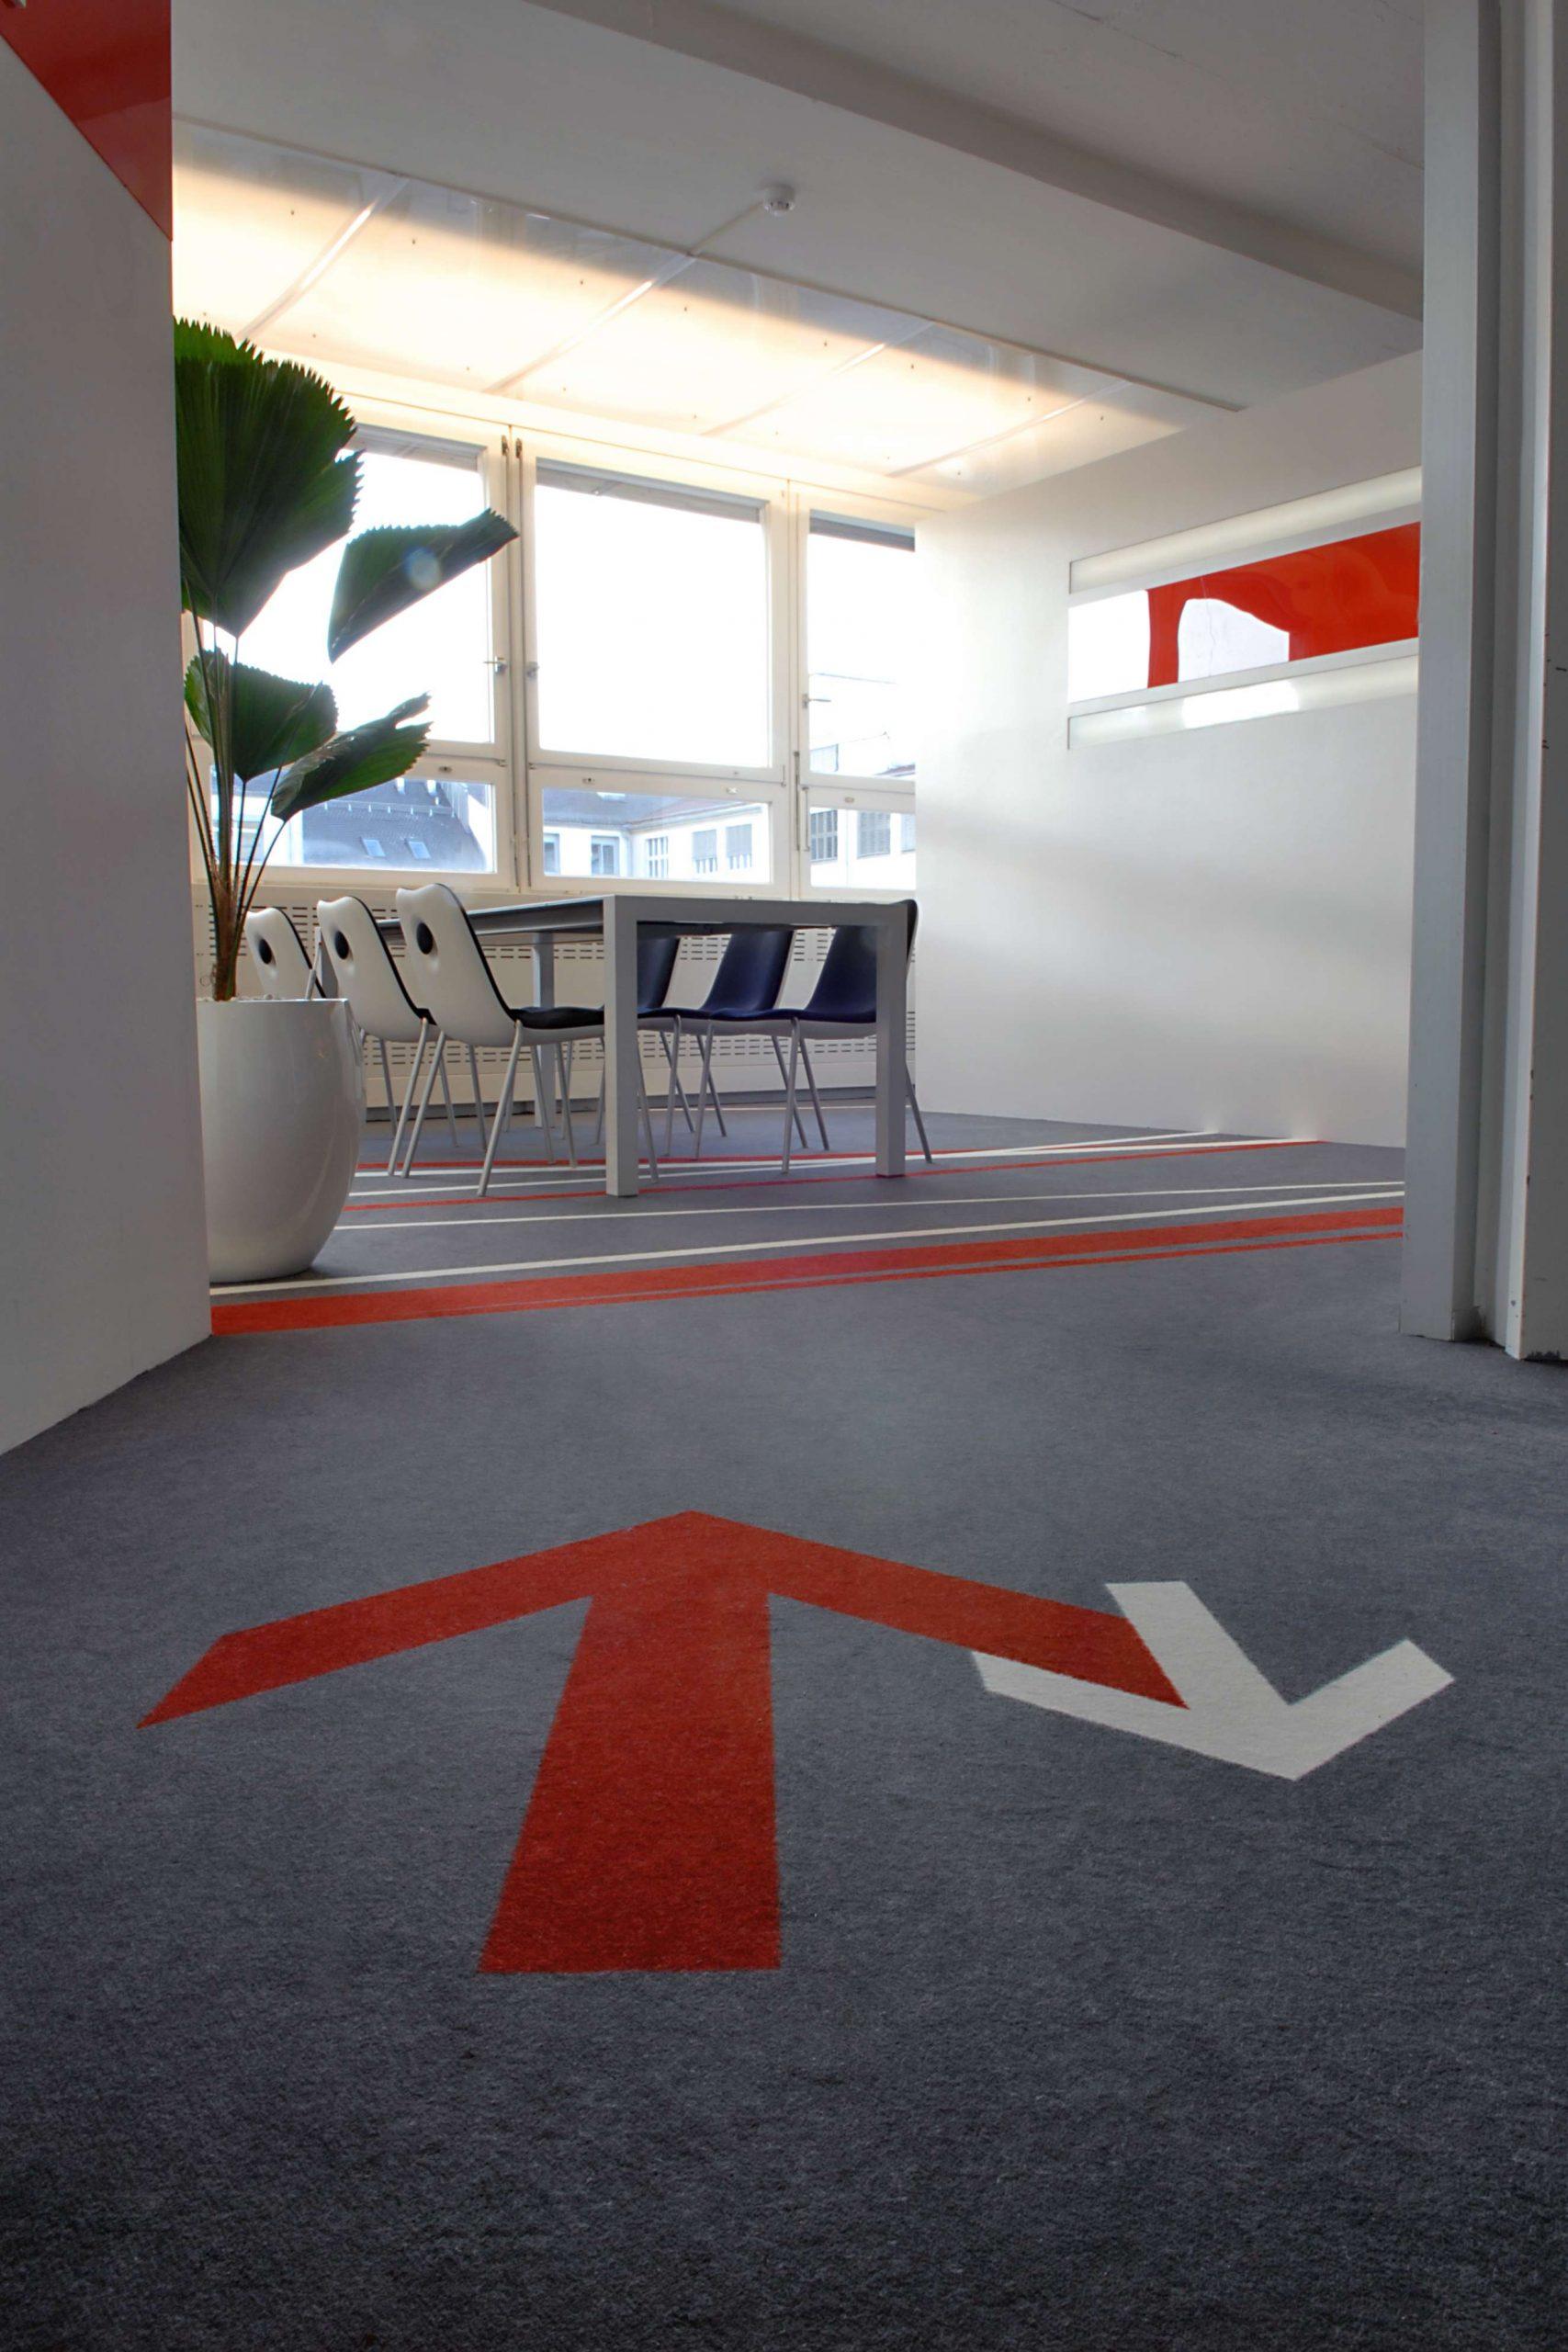 auszeichnung f r innovatives b ro design in m nchen manuela bross innenarchitektur. Black Bedroom Furniture Sets. Home Design Ideas